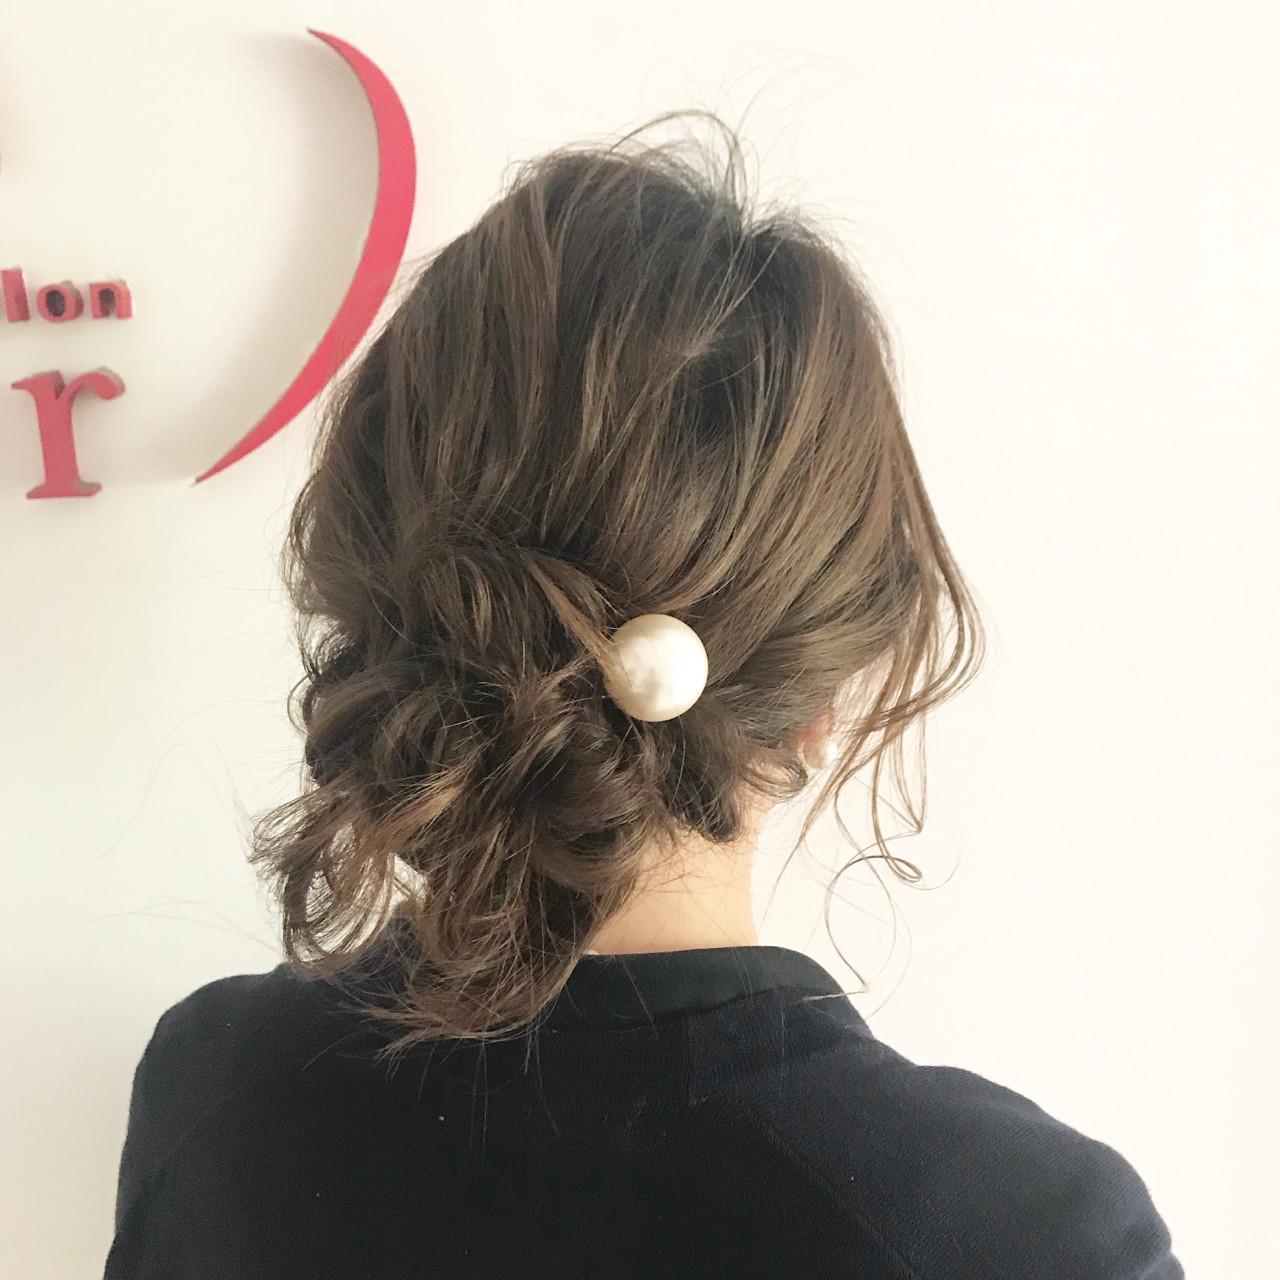 セミロング シニヨン 結婚式 ルーズ ヘアスタイルや髪型の写真・画像